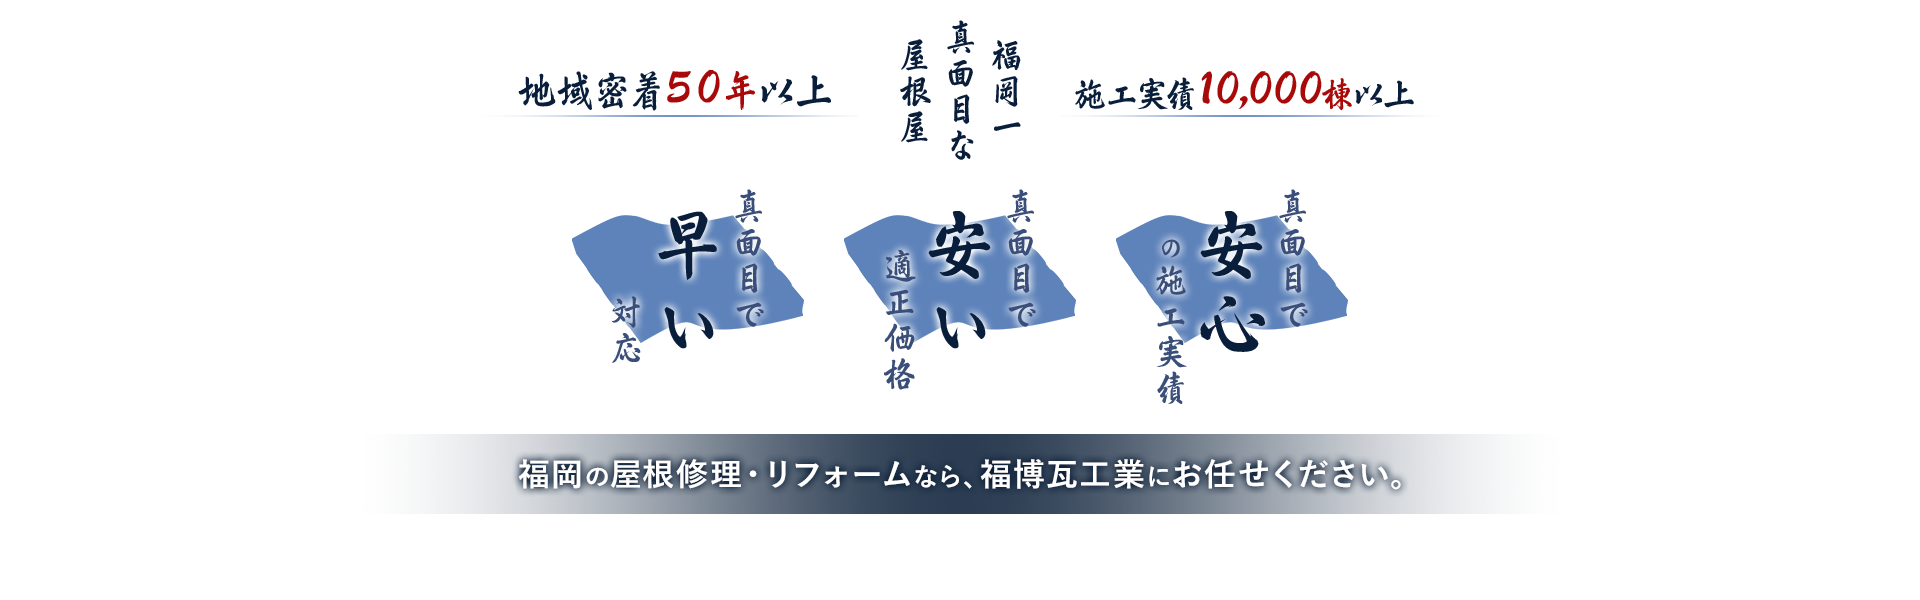 福岡の屋根修理・リフォームなら、福博瓦工業にお任せください